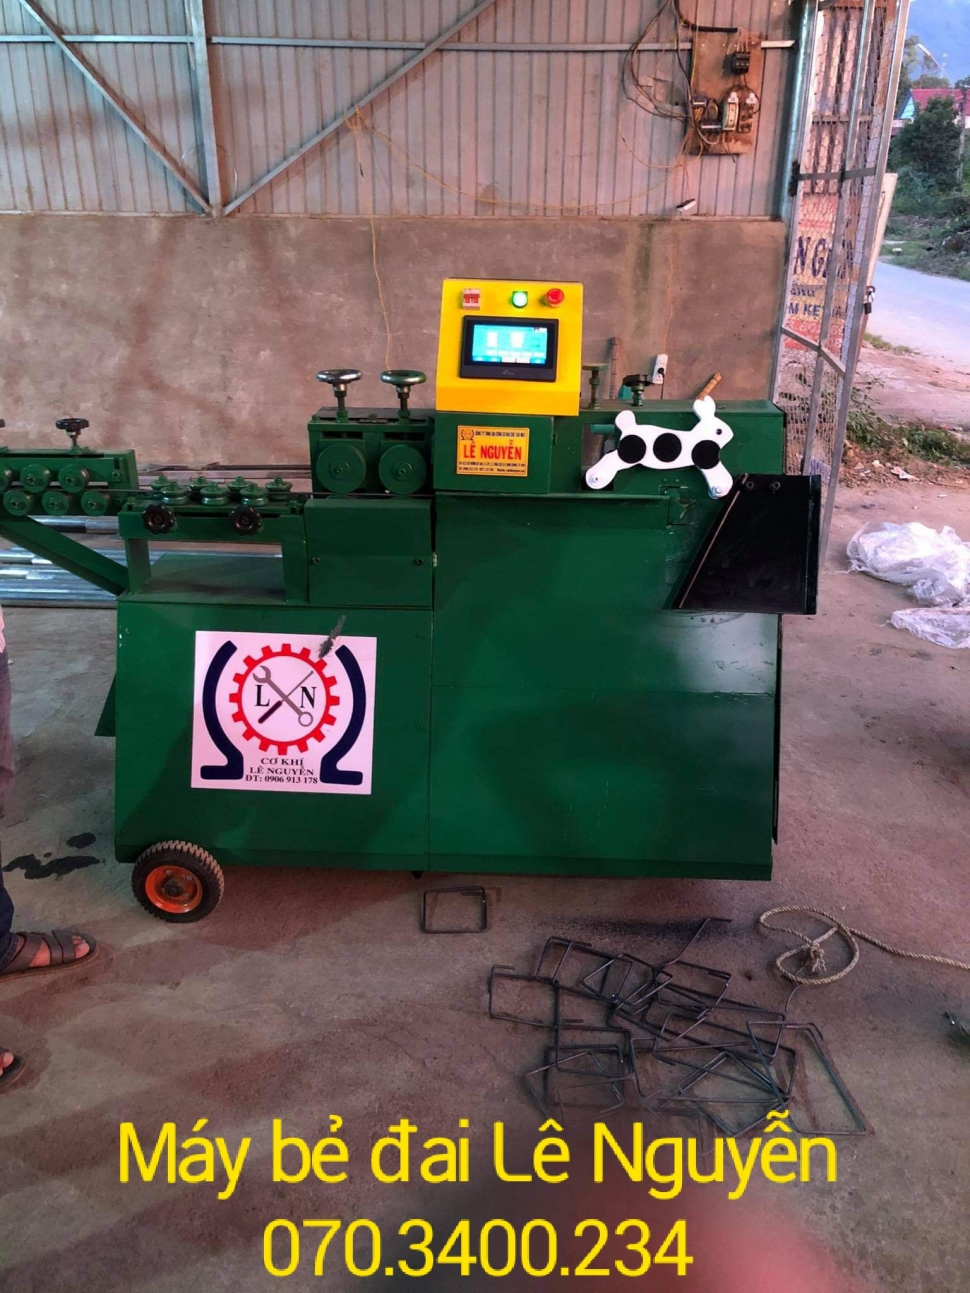 Máy bẻ đai sắt tự động giá rẻ tại Đắk Lắk